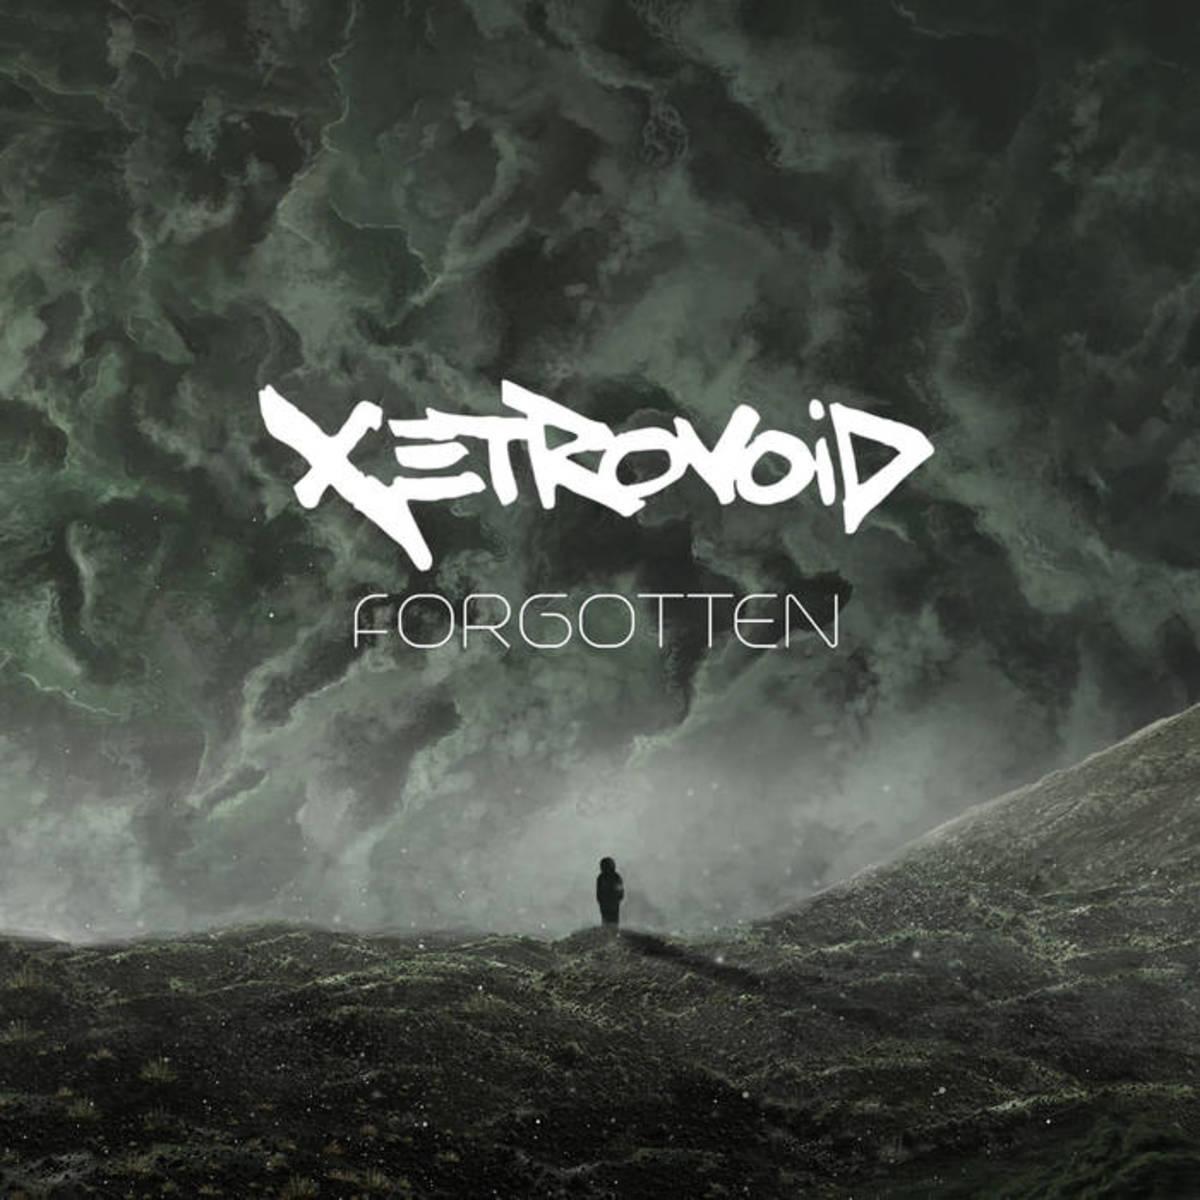 """Artwork for Xetrovoid's new single, """"Forgotten"""""""